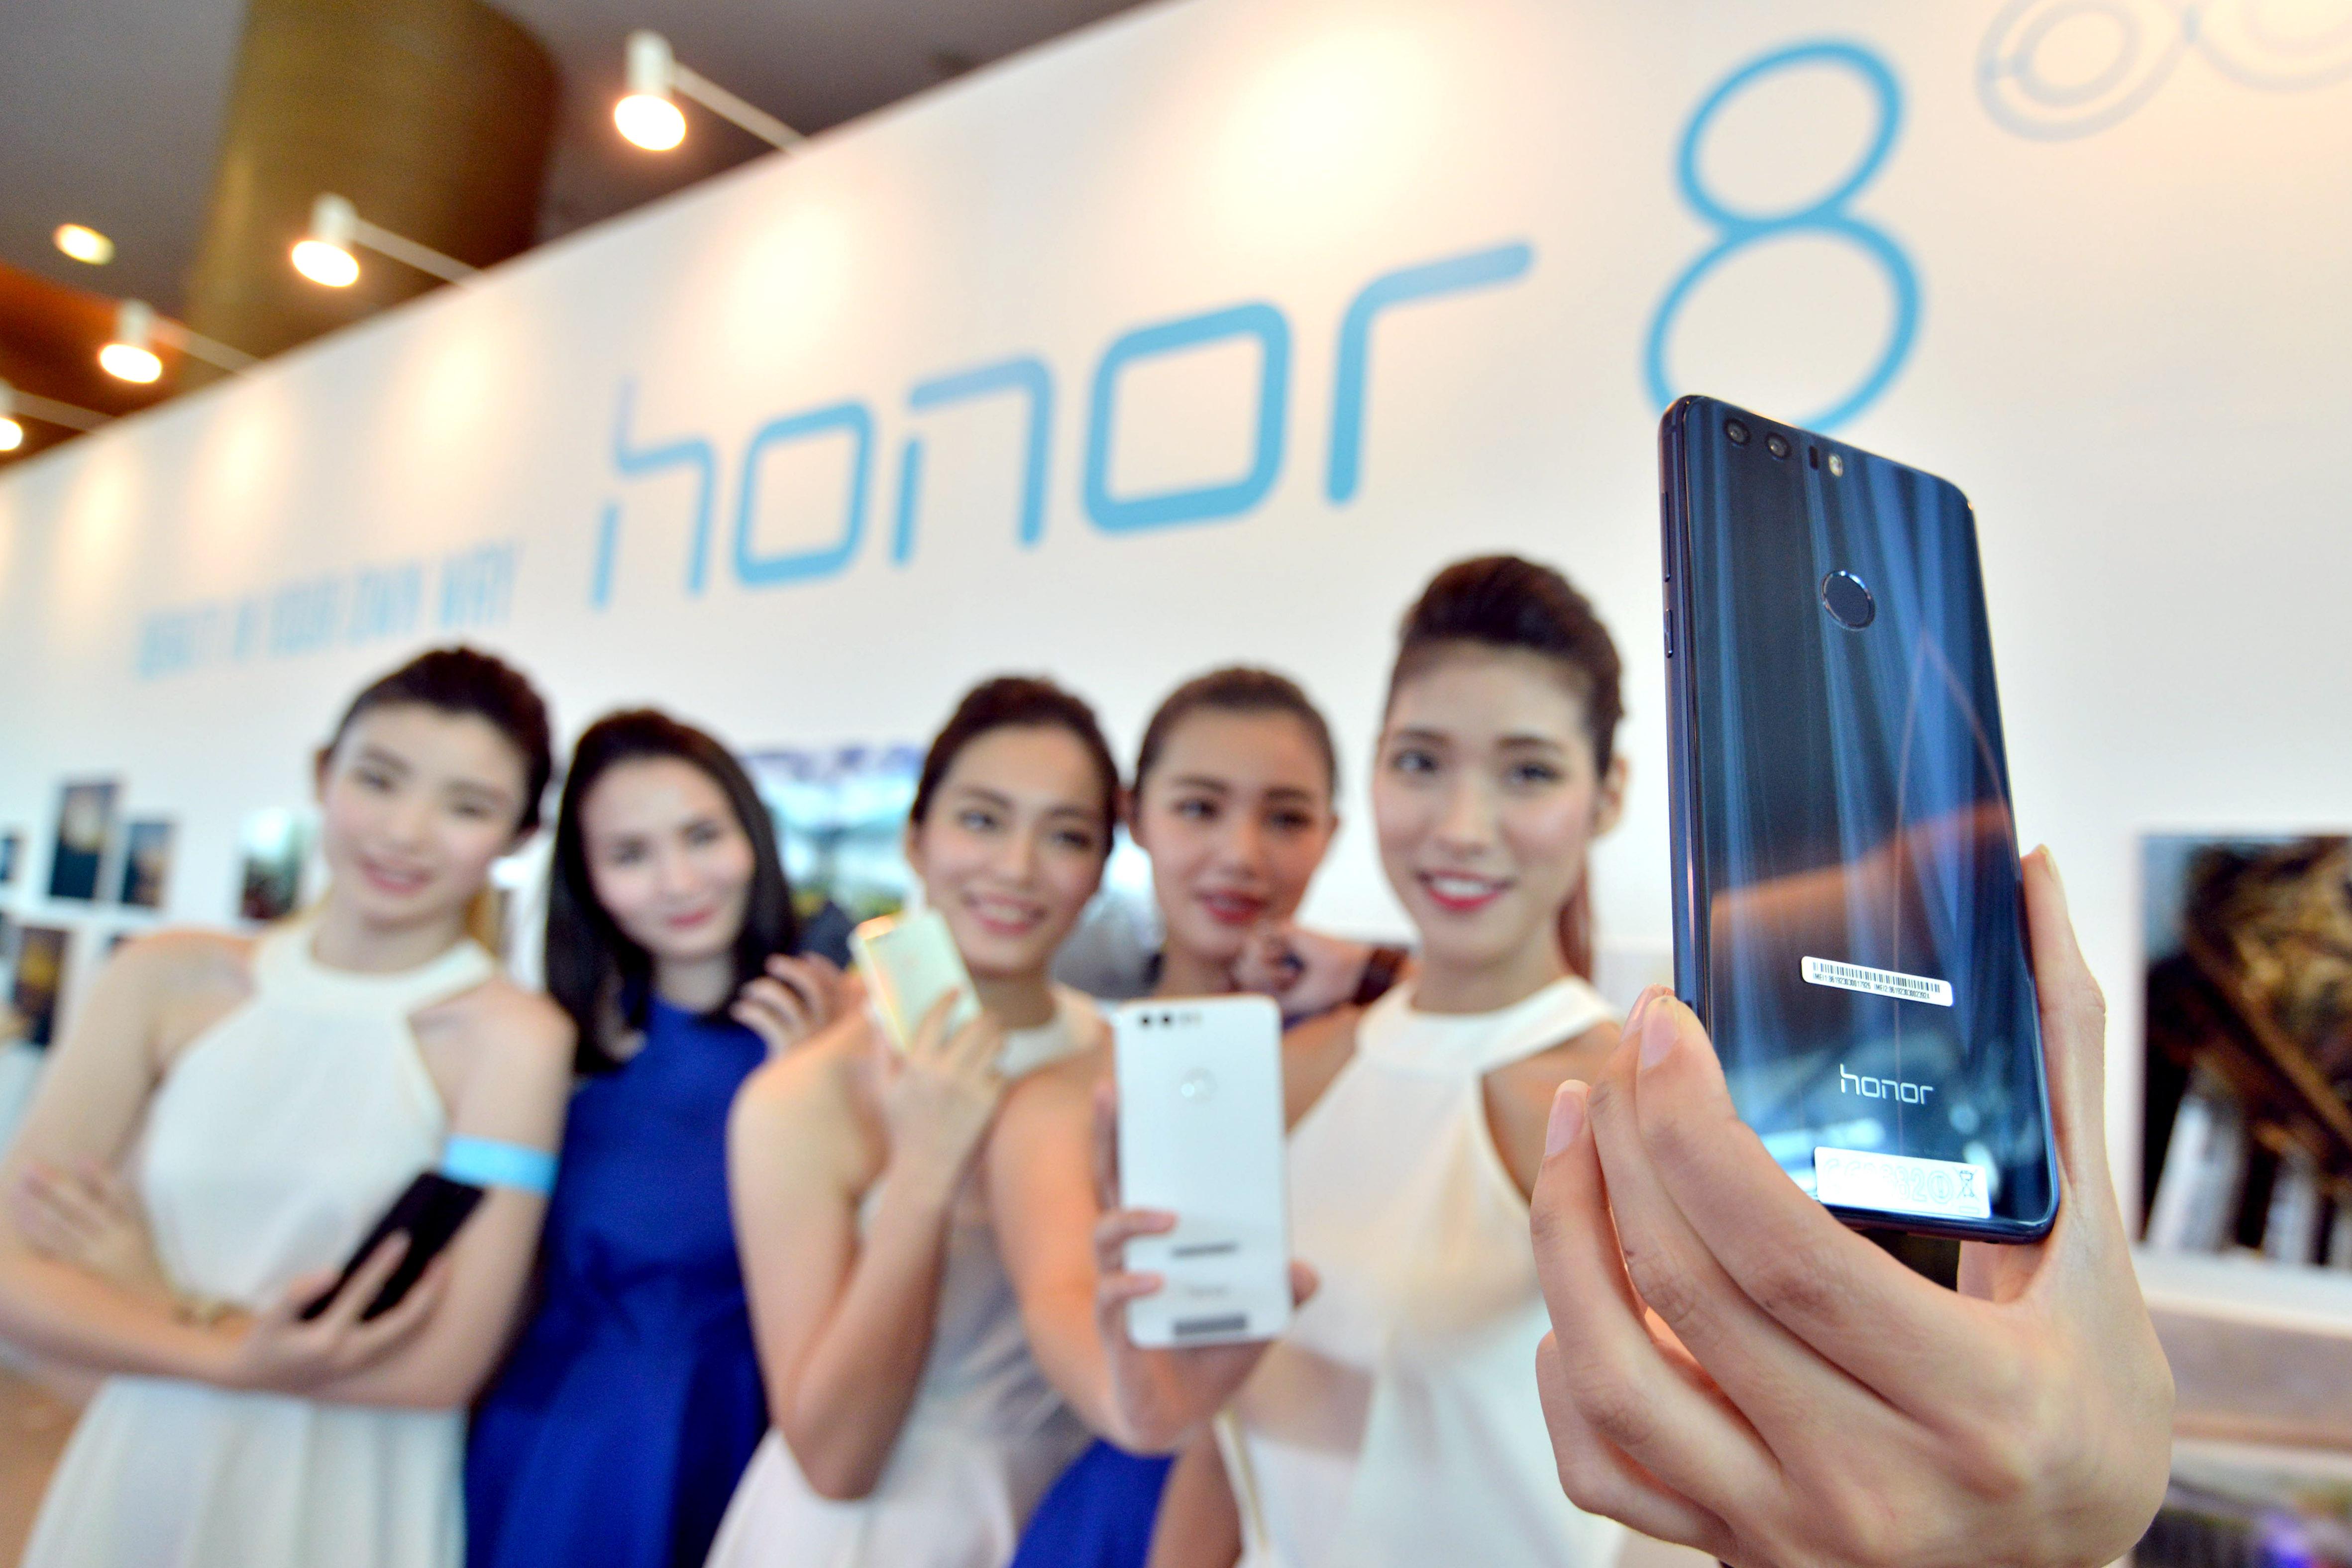 华为智能手机荣耀8在马来西亚发售-新华社发(张纹综摄)